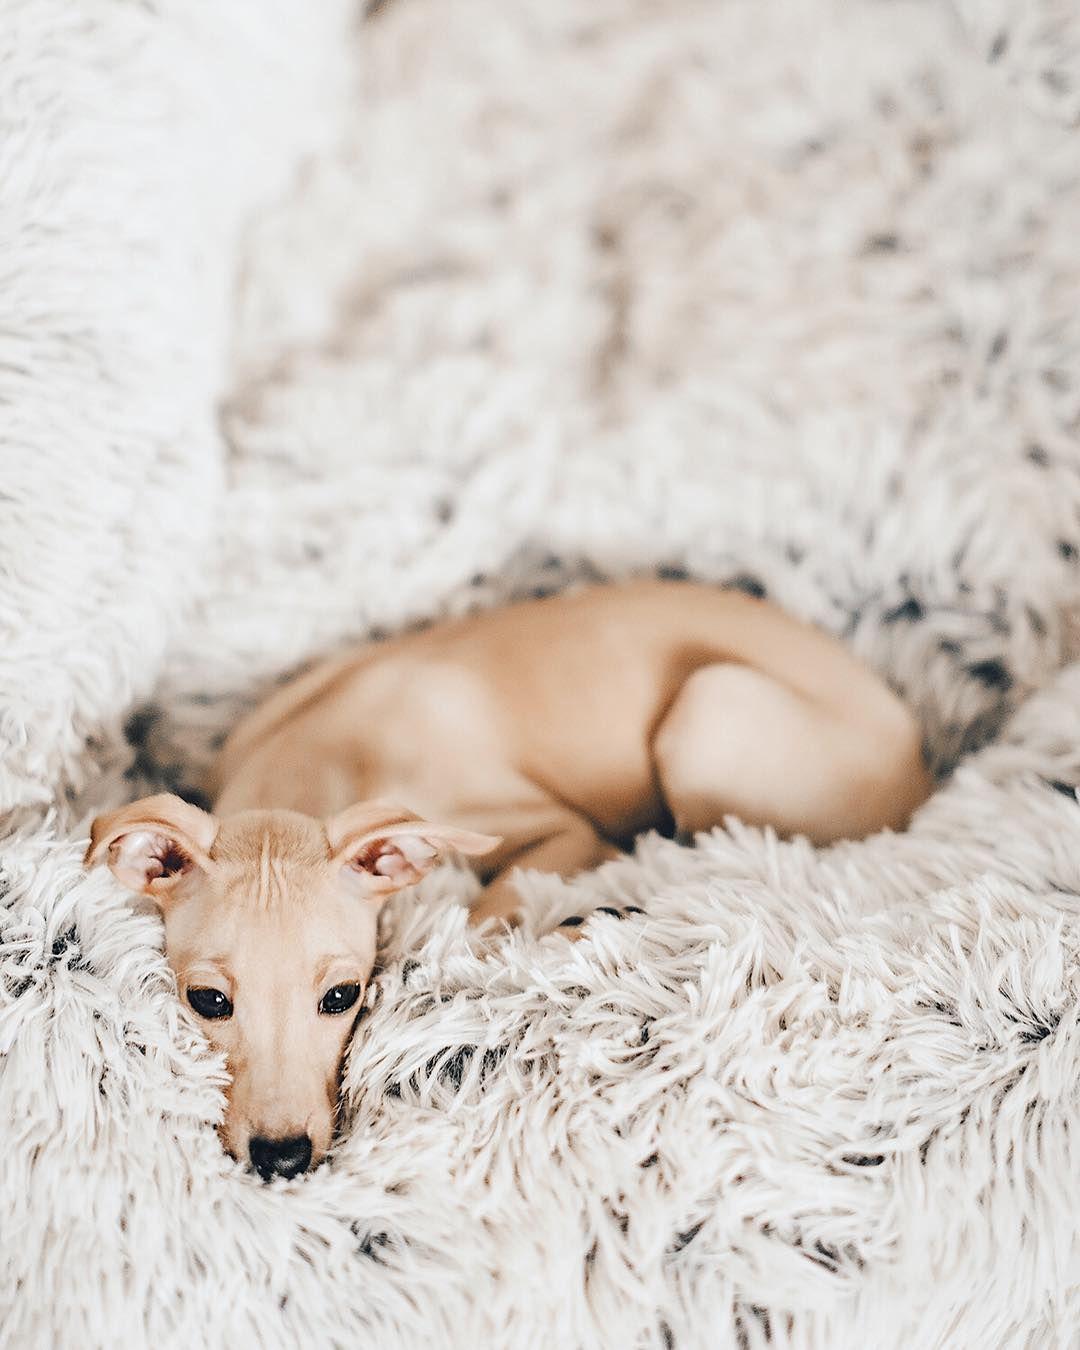 Bilder Von Kleinen Hunden Kostenlos - Bilder Von Kleinen Hunden Kostenlos